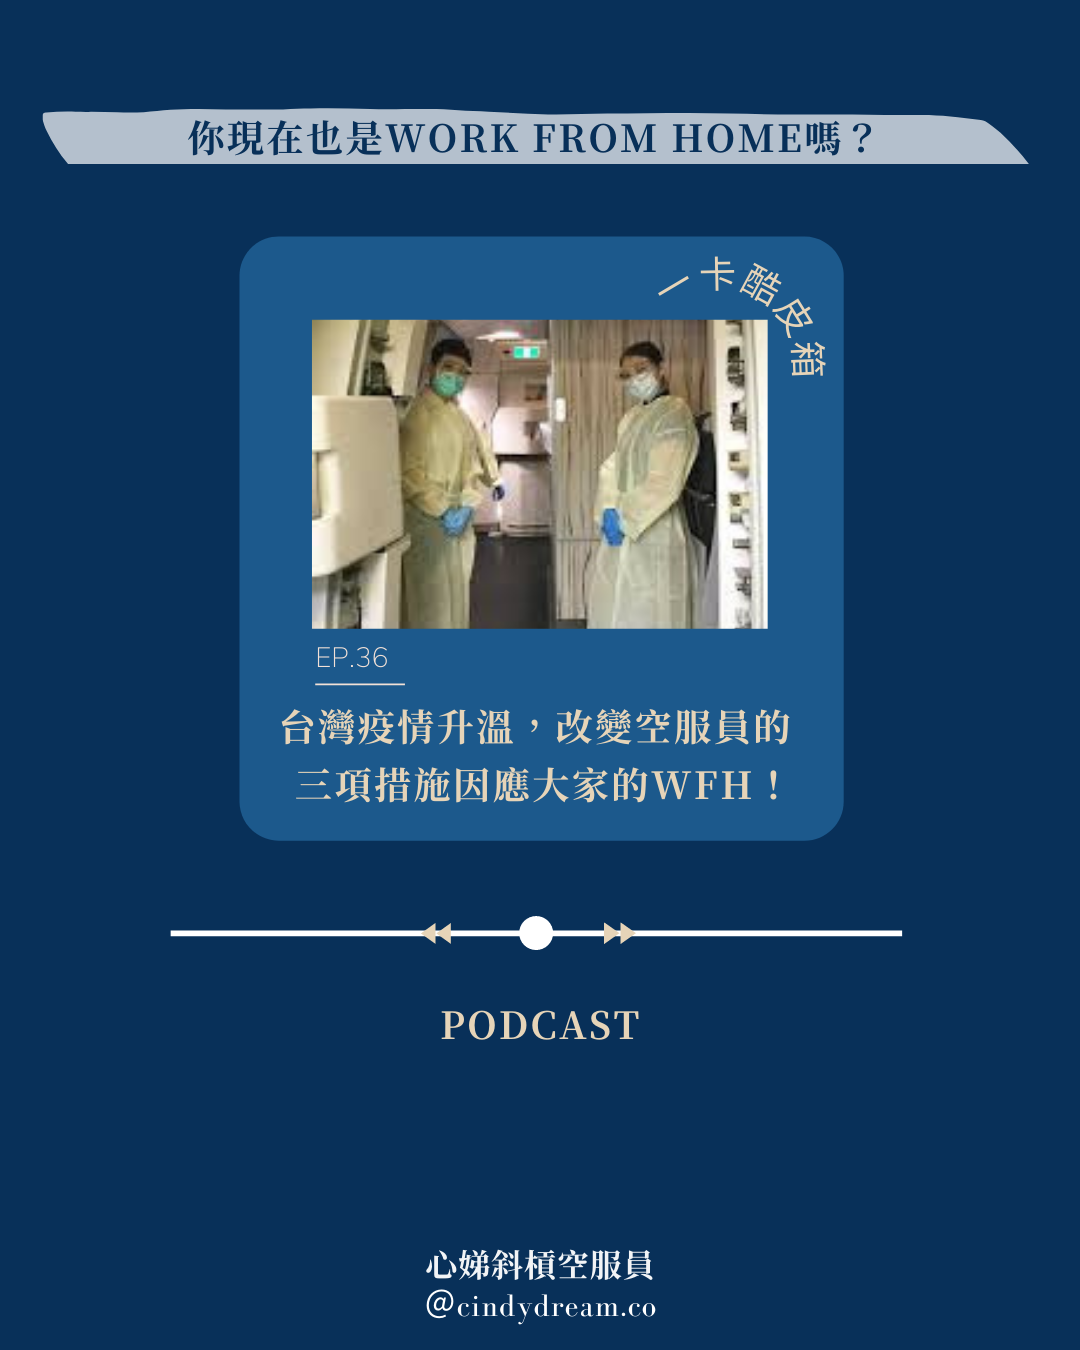 EP36 台灣疫情升溫,改變空服員的三項措施因應大家的WFH!